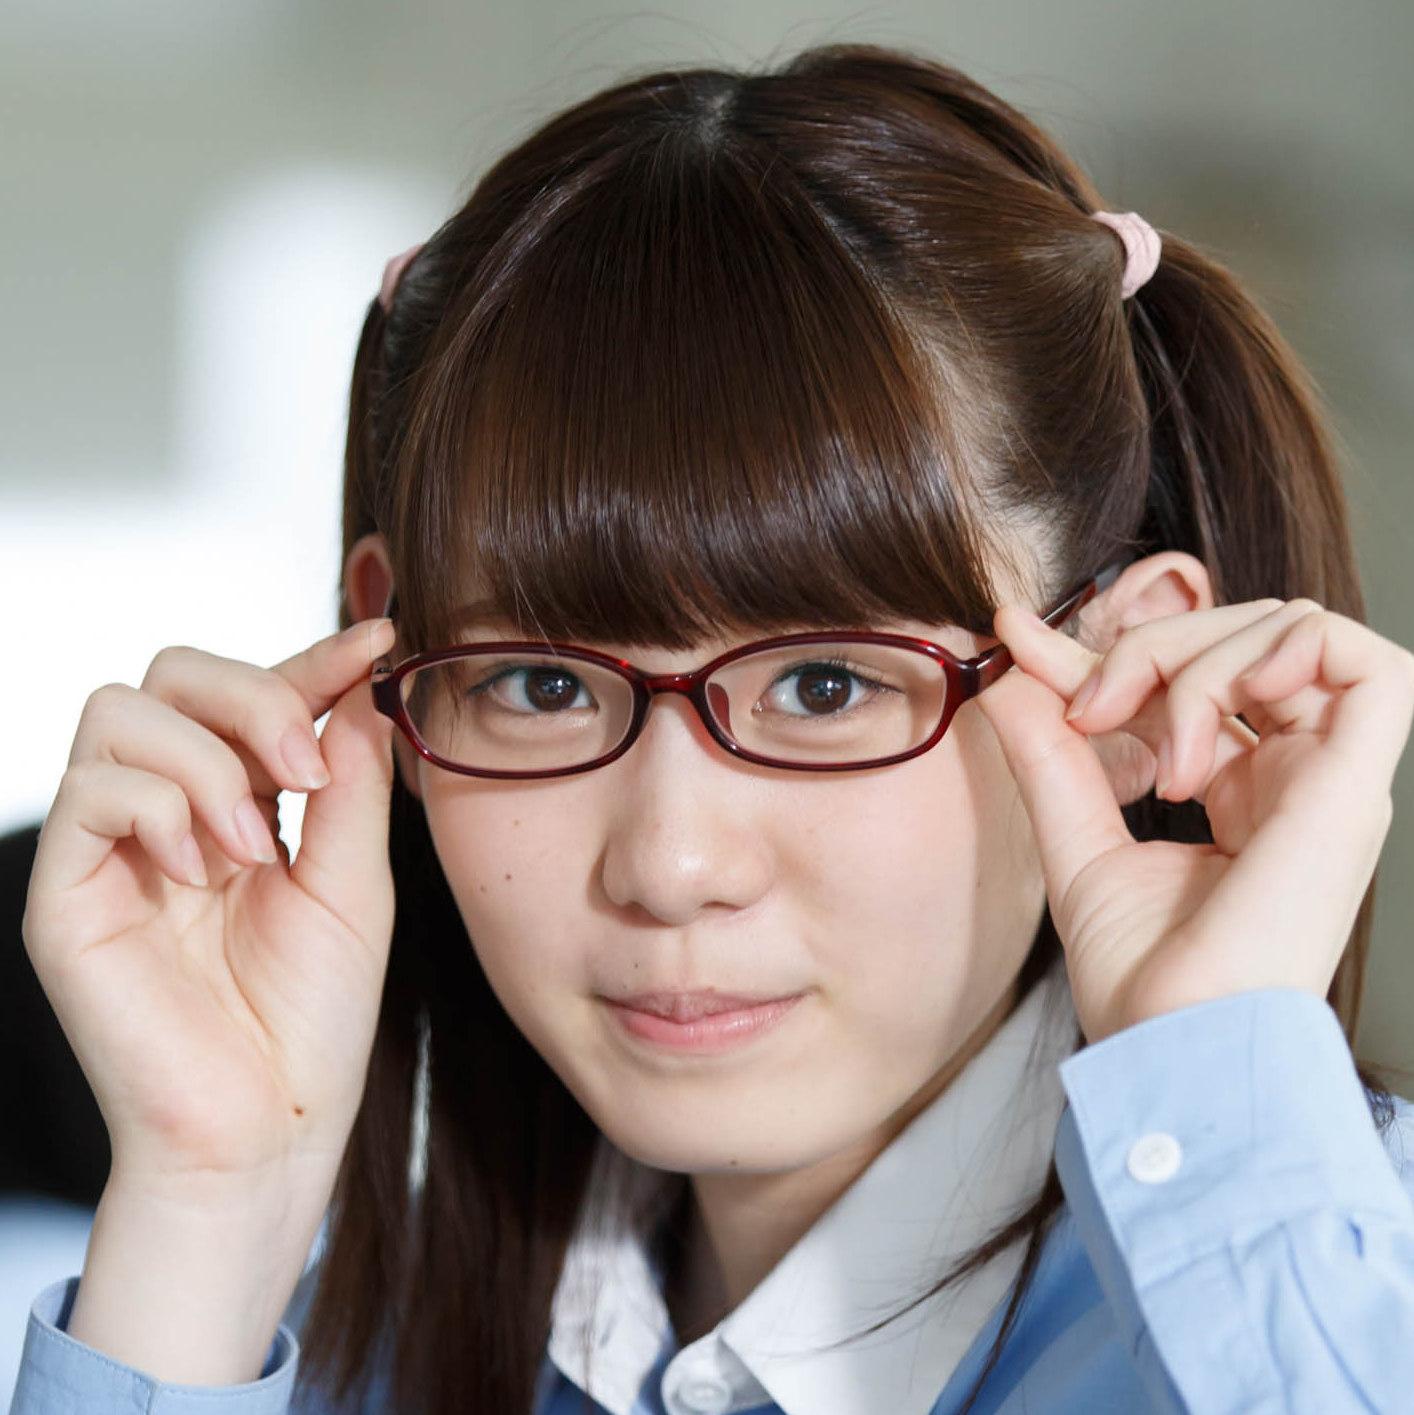 欅坂46・小池美波さん<br />「リアクションがでかいってよく言われます(笑)」